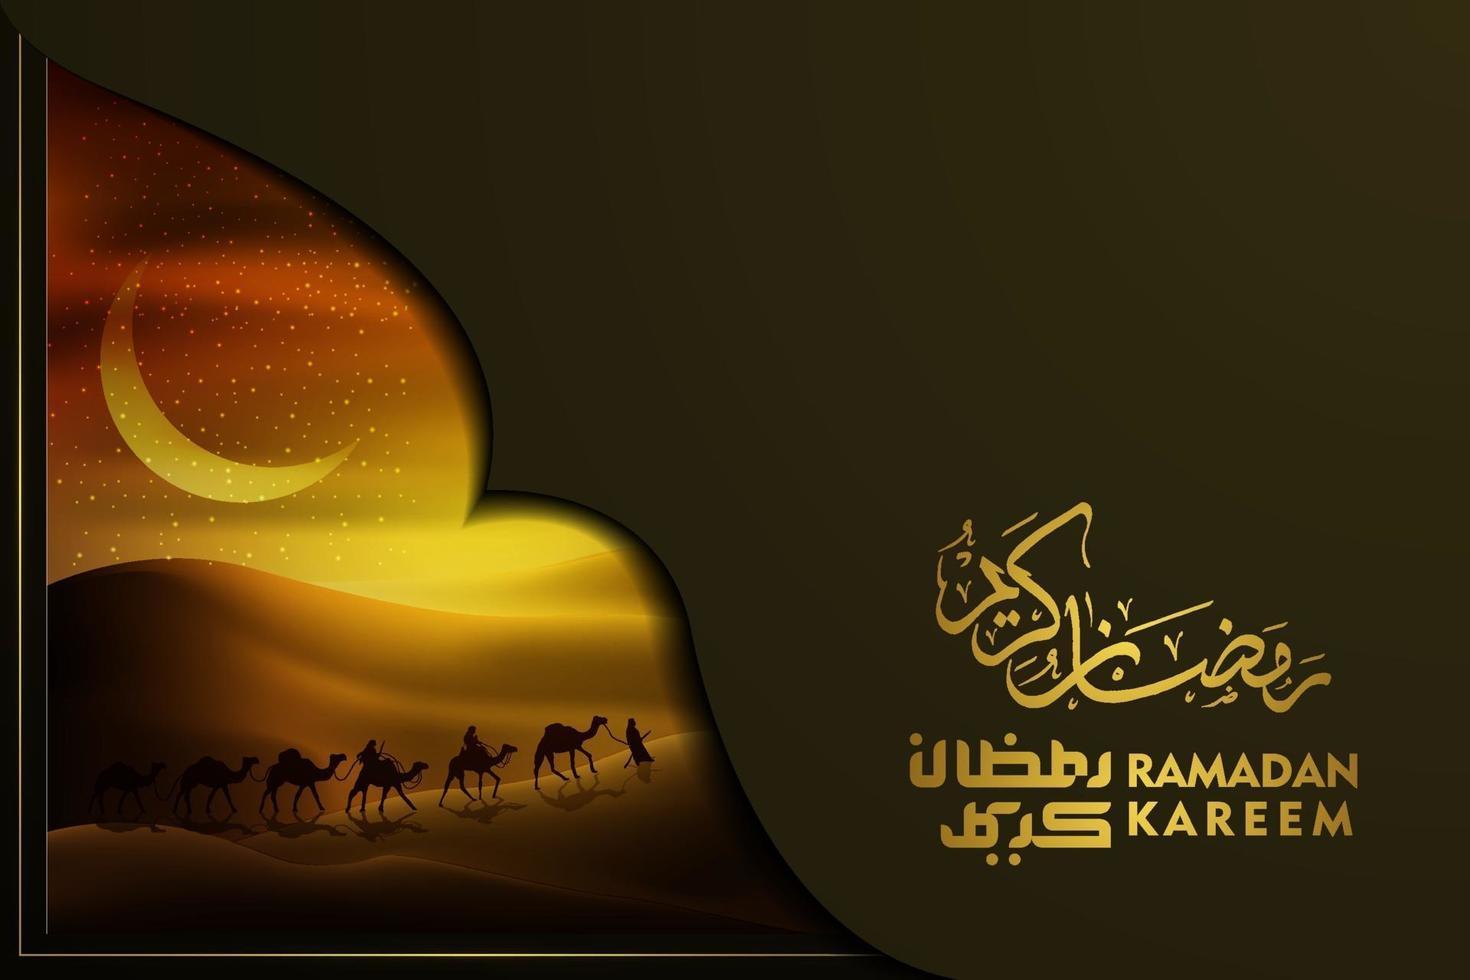 ramadan kareem hälsning islamisk illustration bakgrundsvektordesign med arabiska på kameler, öken och arabisk kalligrafi vektor